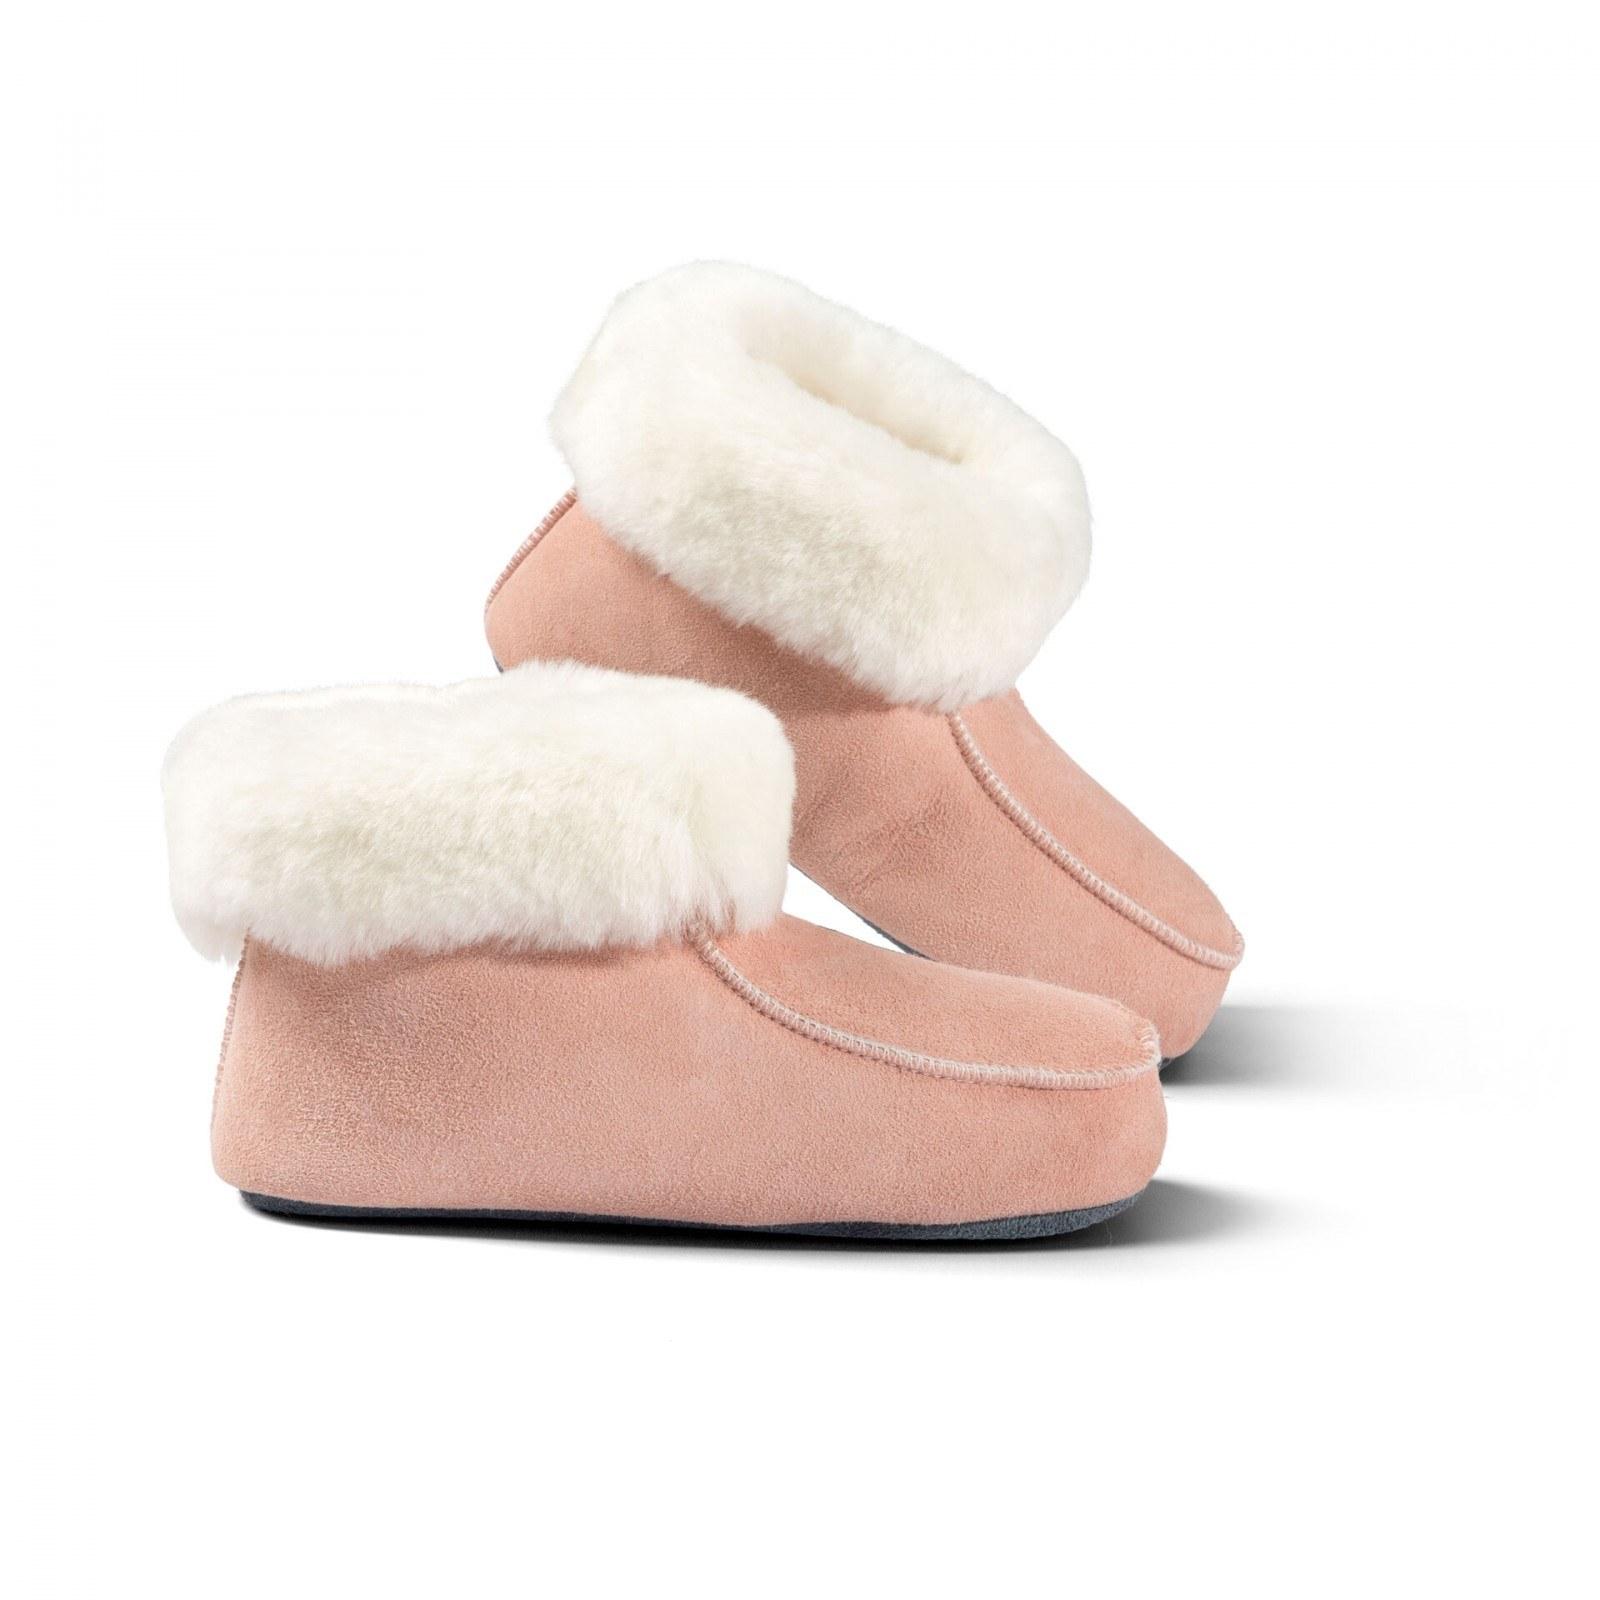 Domácí obuv s koženou podrážkou Zvolte variantu: Růžová, Velikost: 36